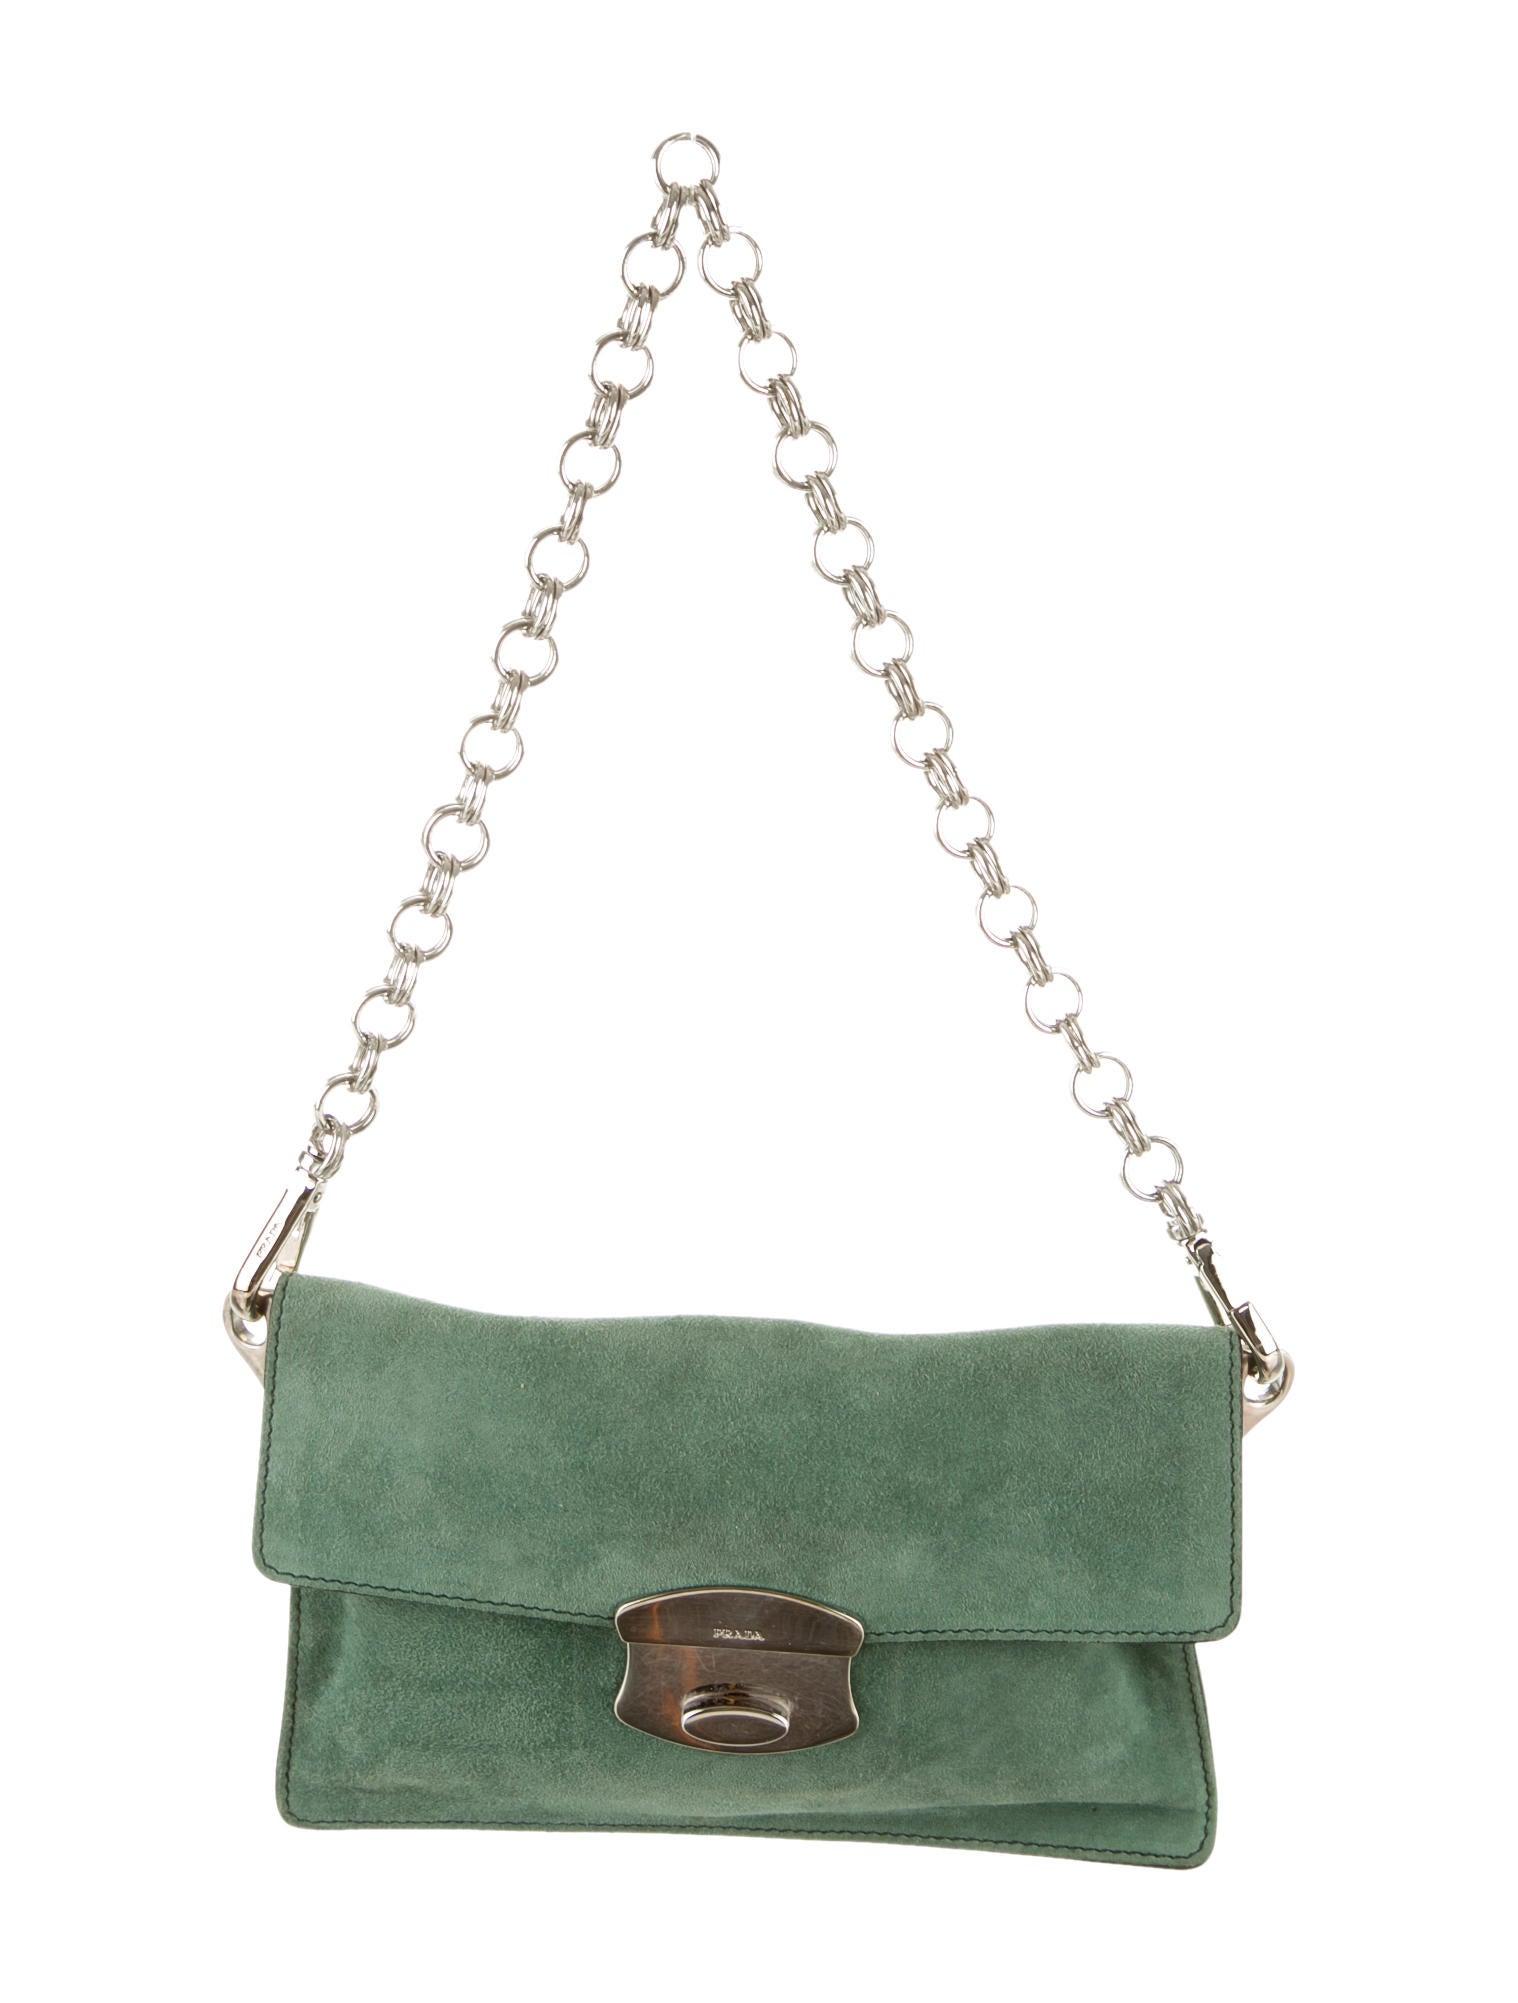 prada black nylon messenger bag - prada suede chain-link shoulder bag, prada diaper bag